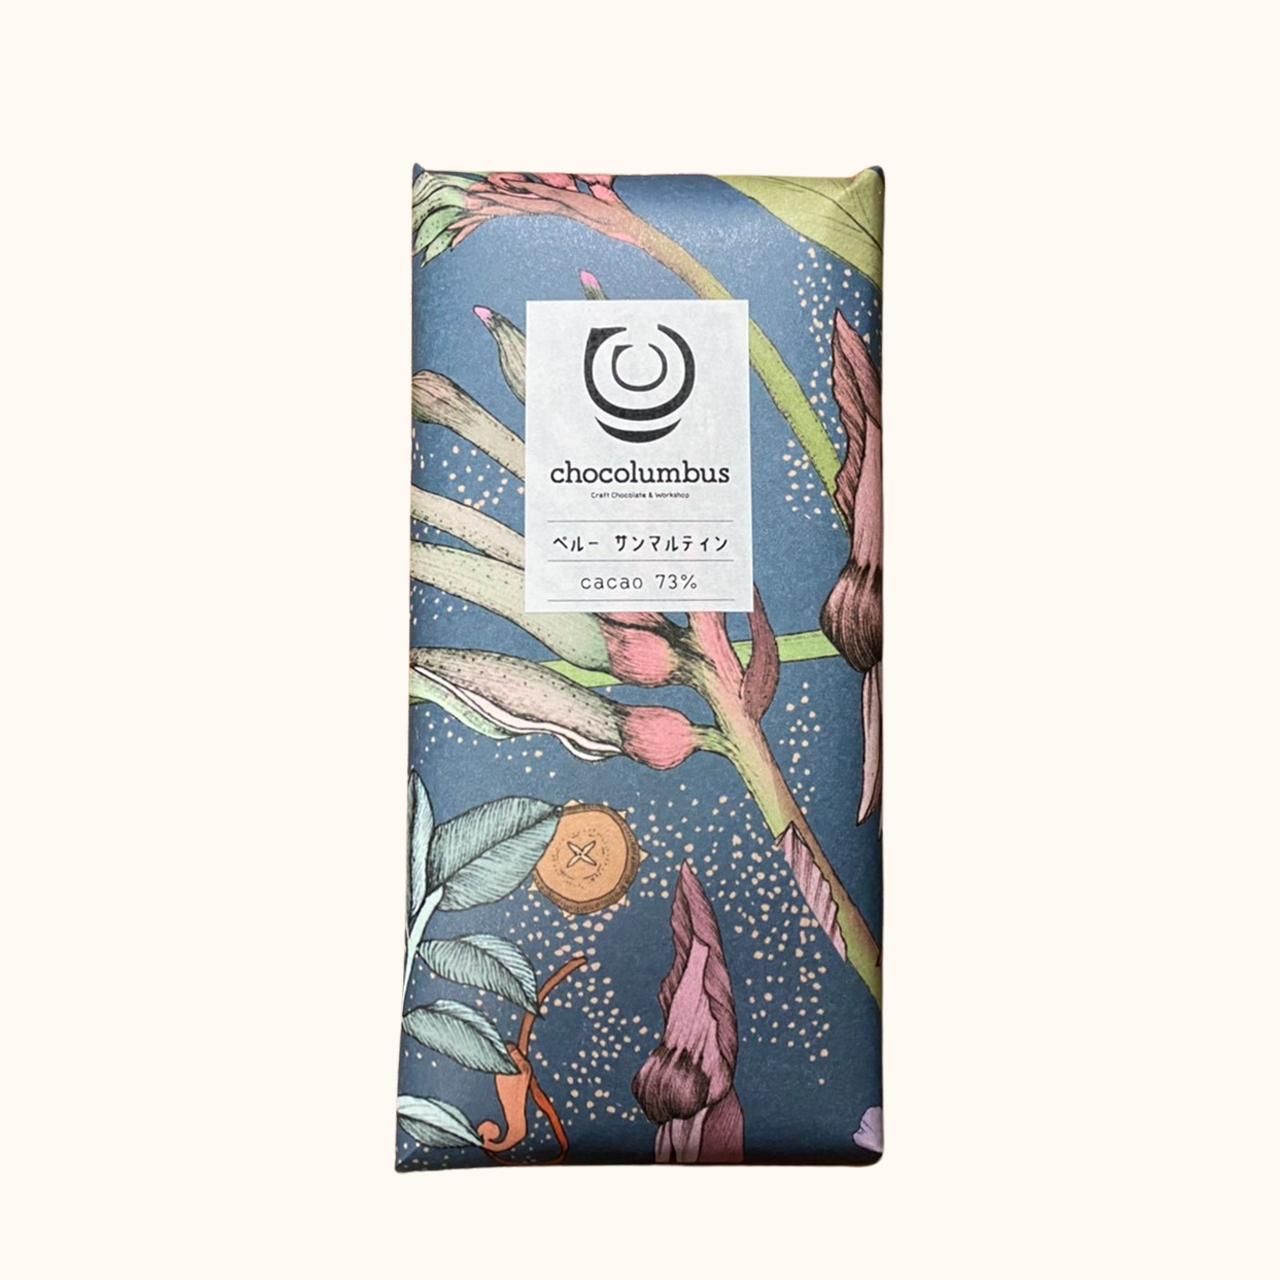 チョコロンブス/ペルー サンマルティン cacao73% チョコレート